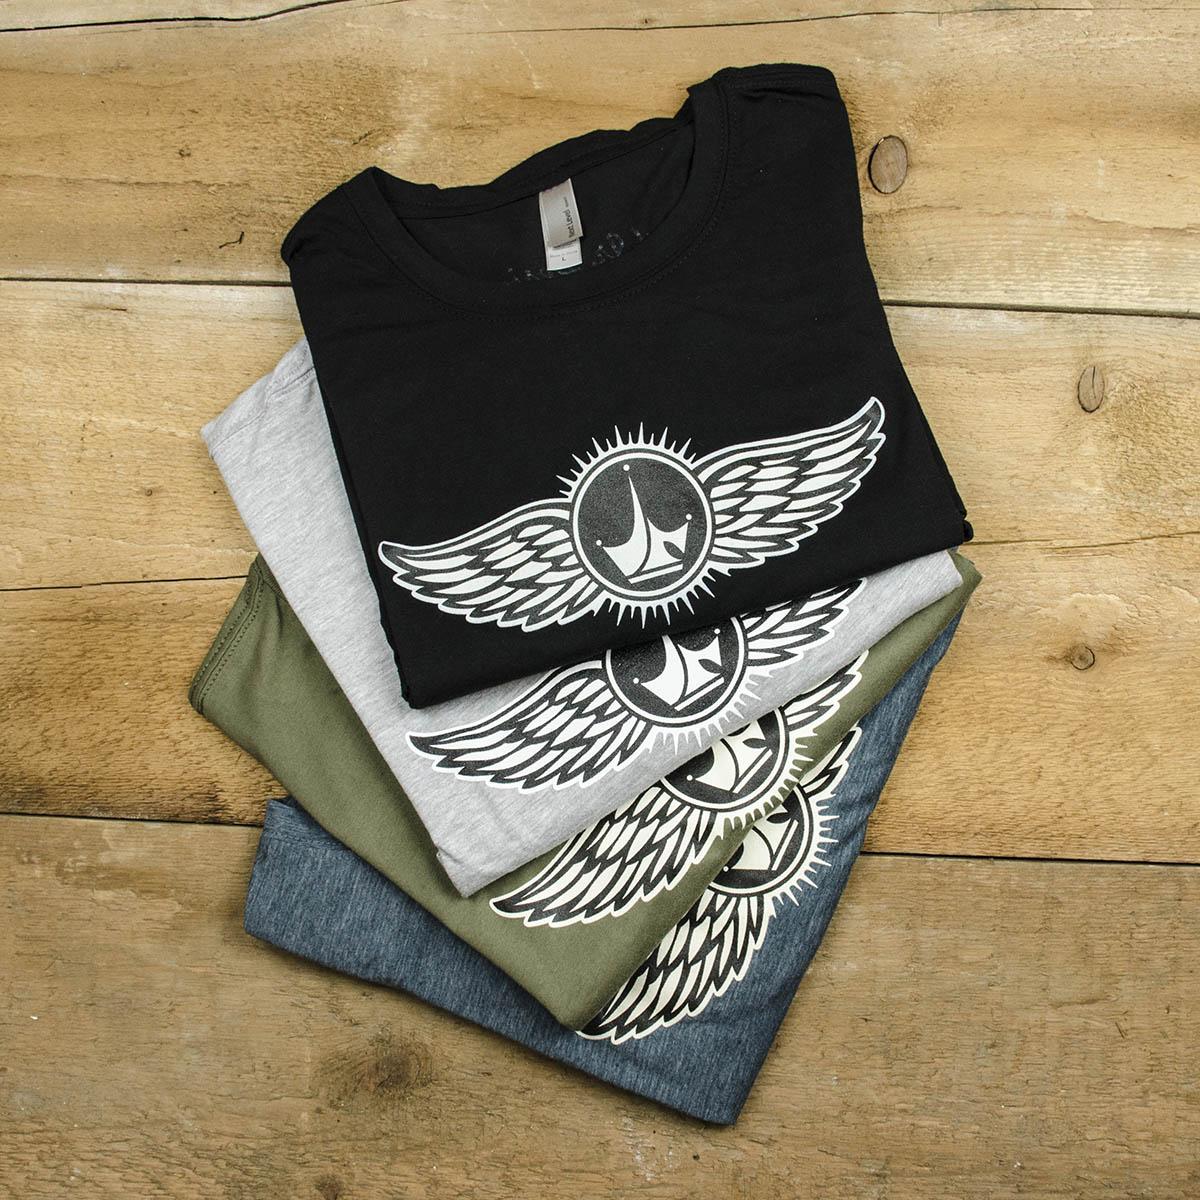 b7f5aae8 Wing Logo T-Shirt - Paul Jr. Designs